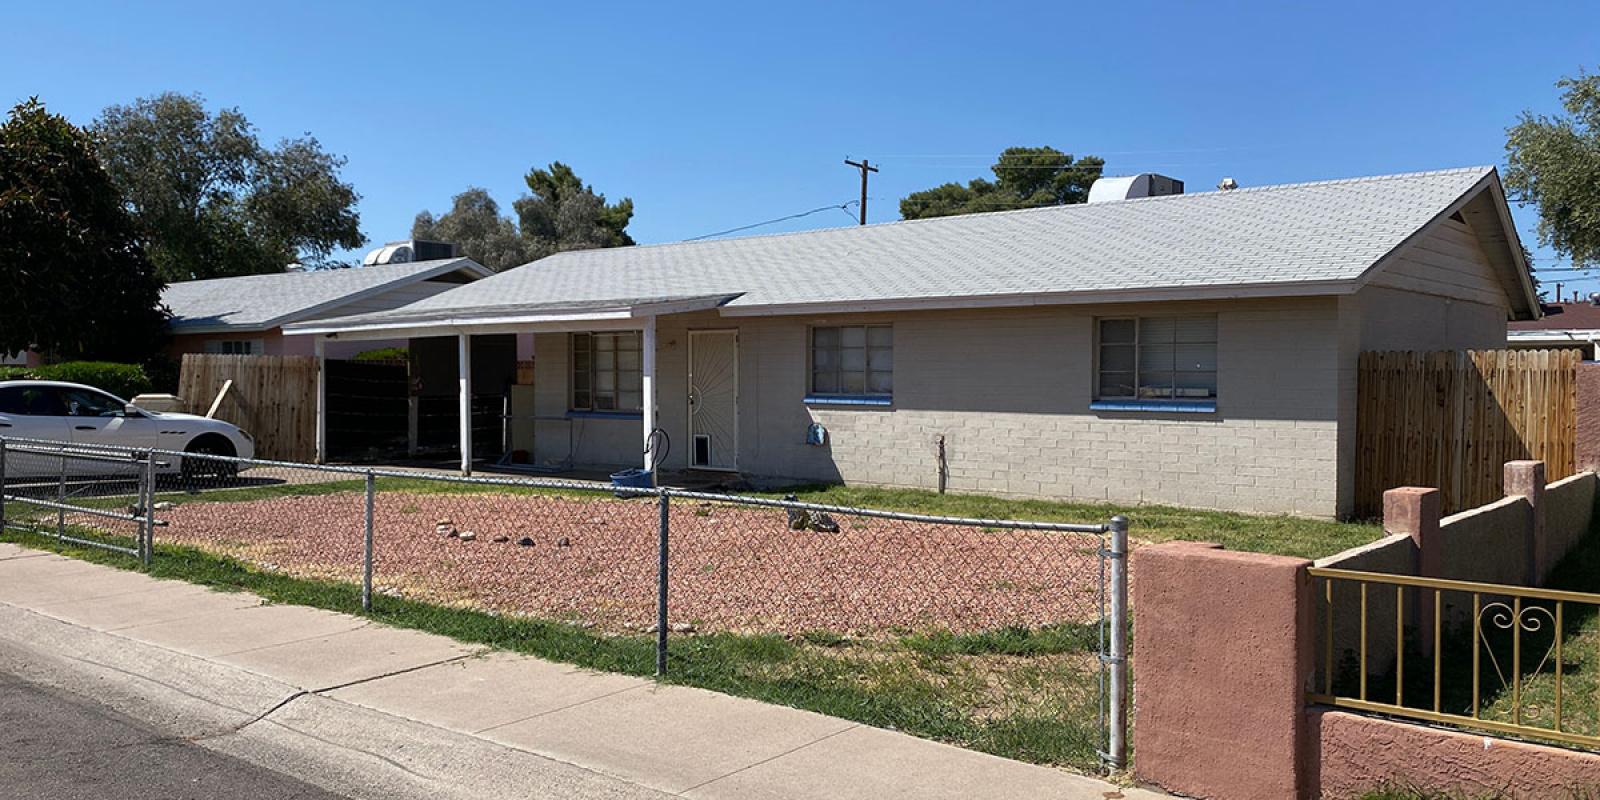 4934 W McLellan Rd, Glendale, Arizona 85301, 3 Bedrooms Bedrooms, ,2 BathroomsBathrooms,SFR,Pending,W McLellan Rd,1273